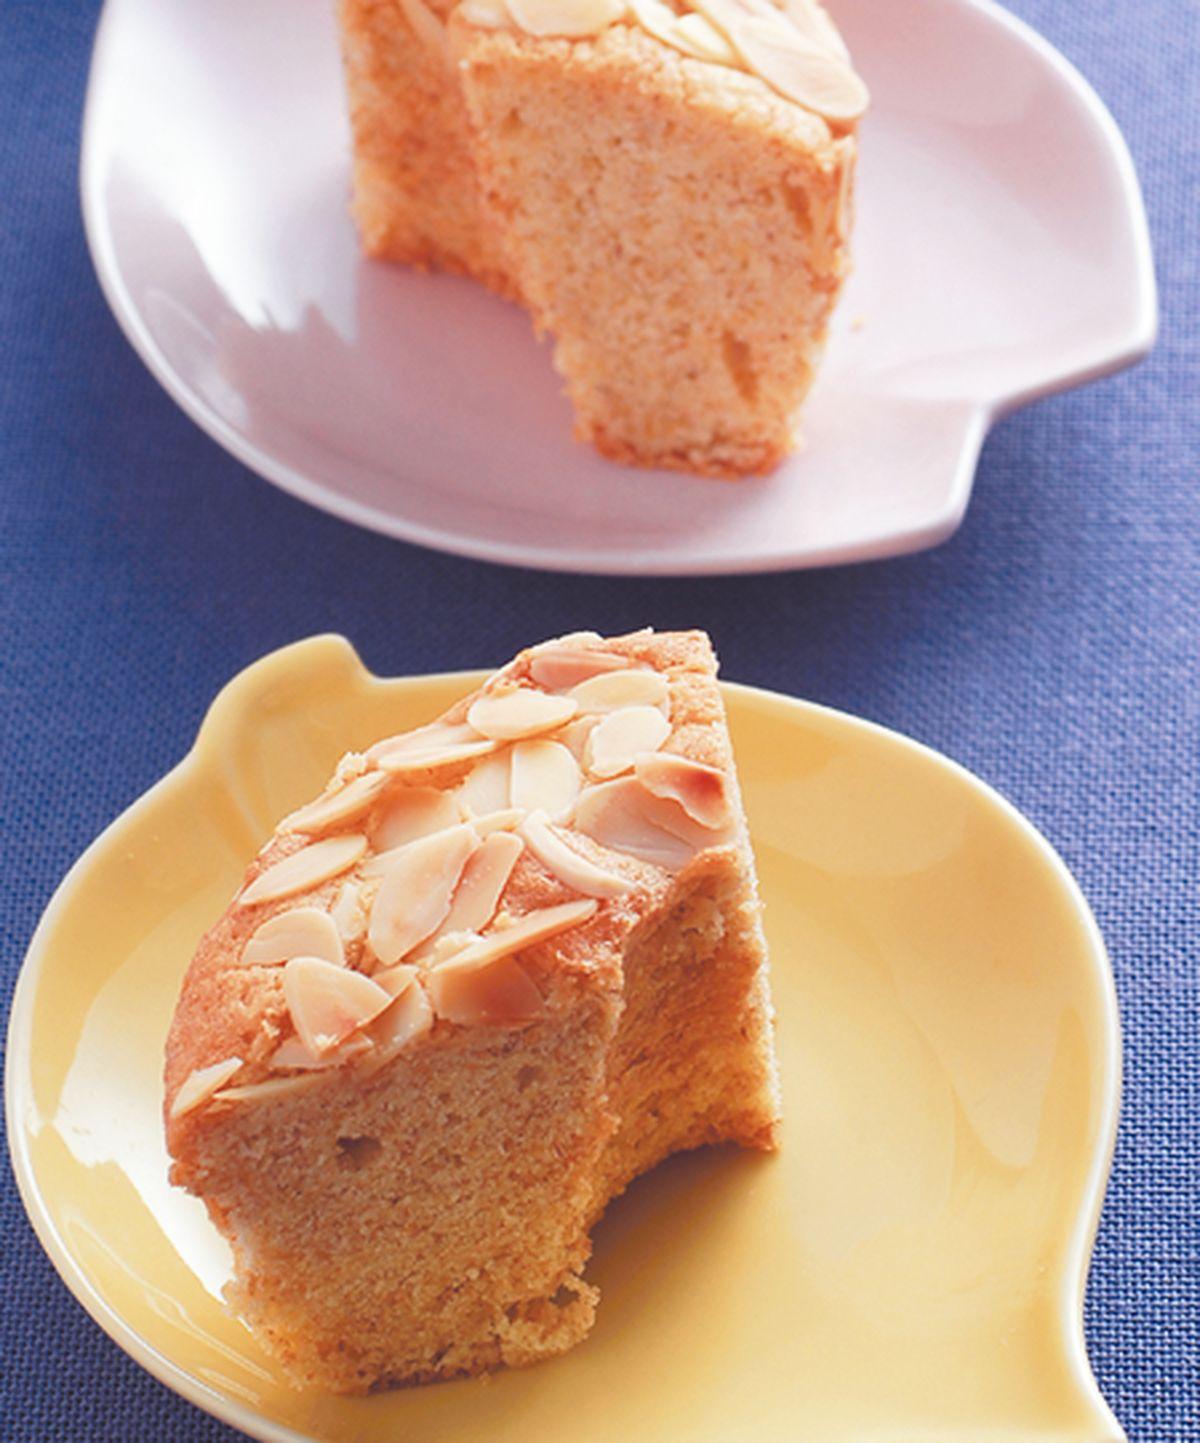 食譜:杏仁全麥蛋糕